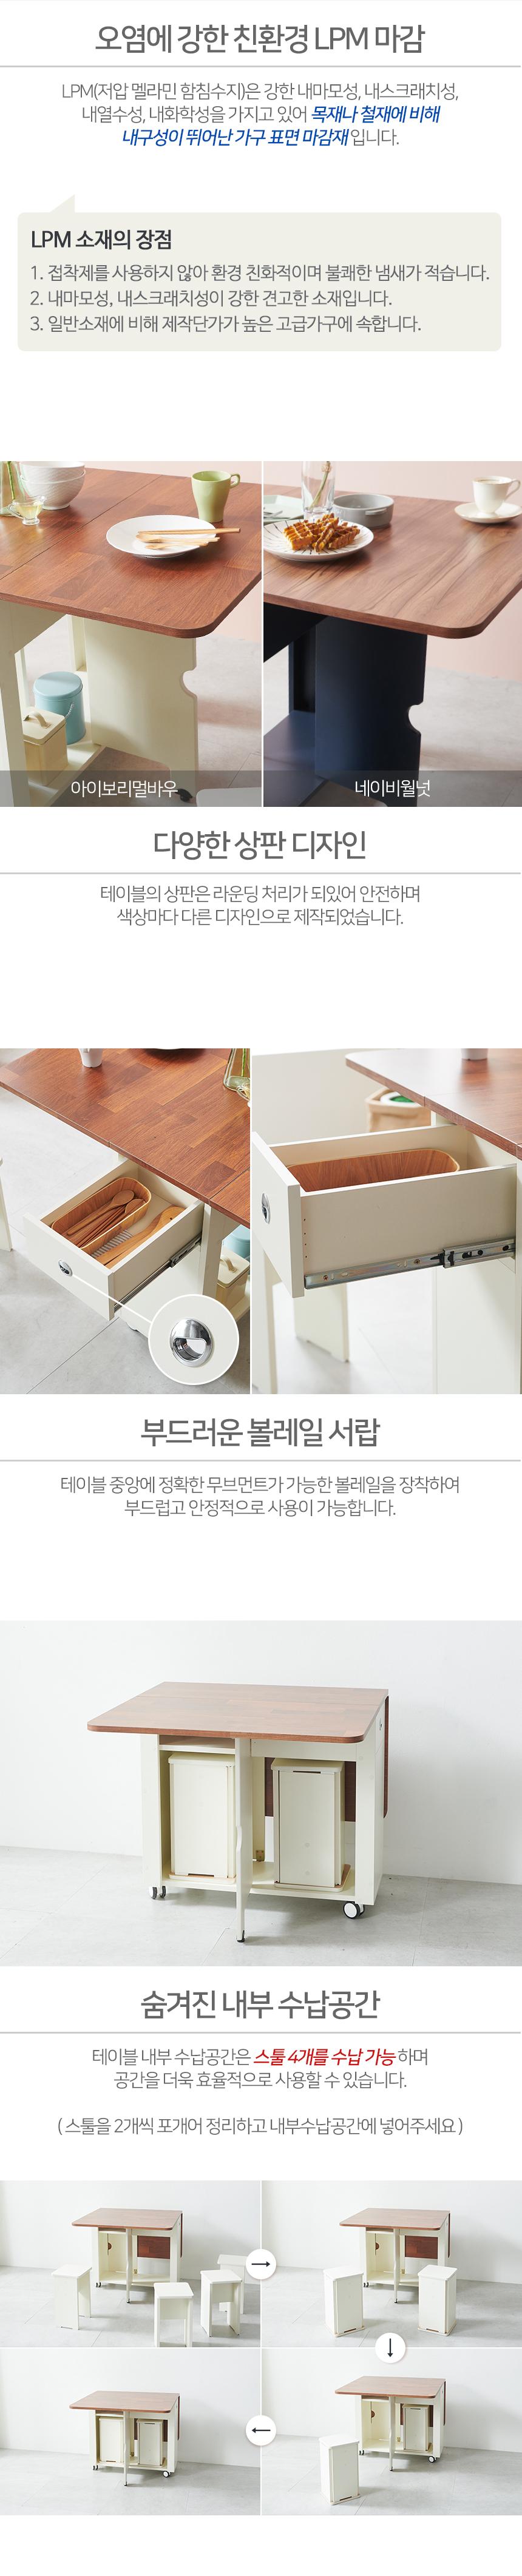 올인원 접이식 테이블 기획세트 - 케이디에스, 279,900원, 식탁/의자, 4인 식탁/세트